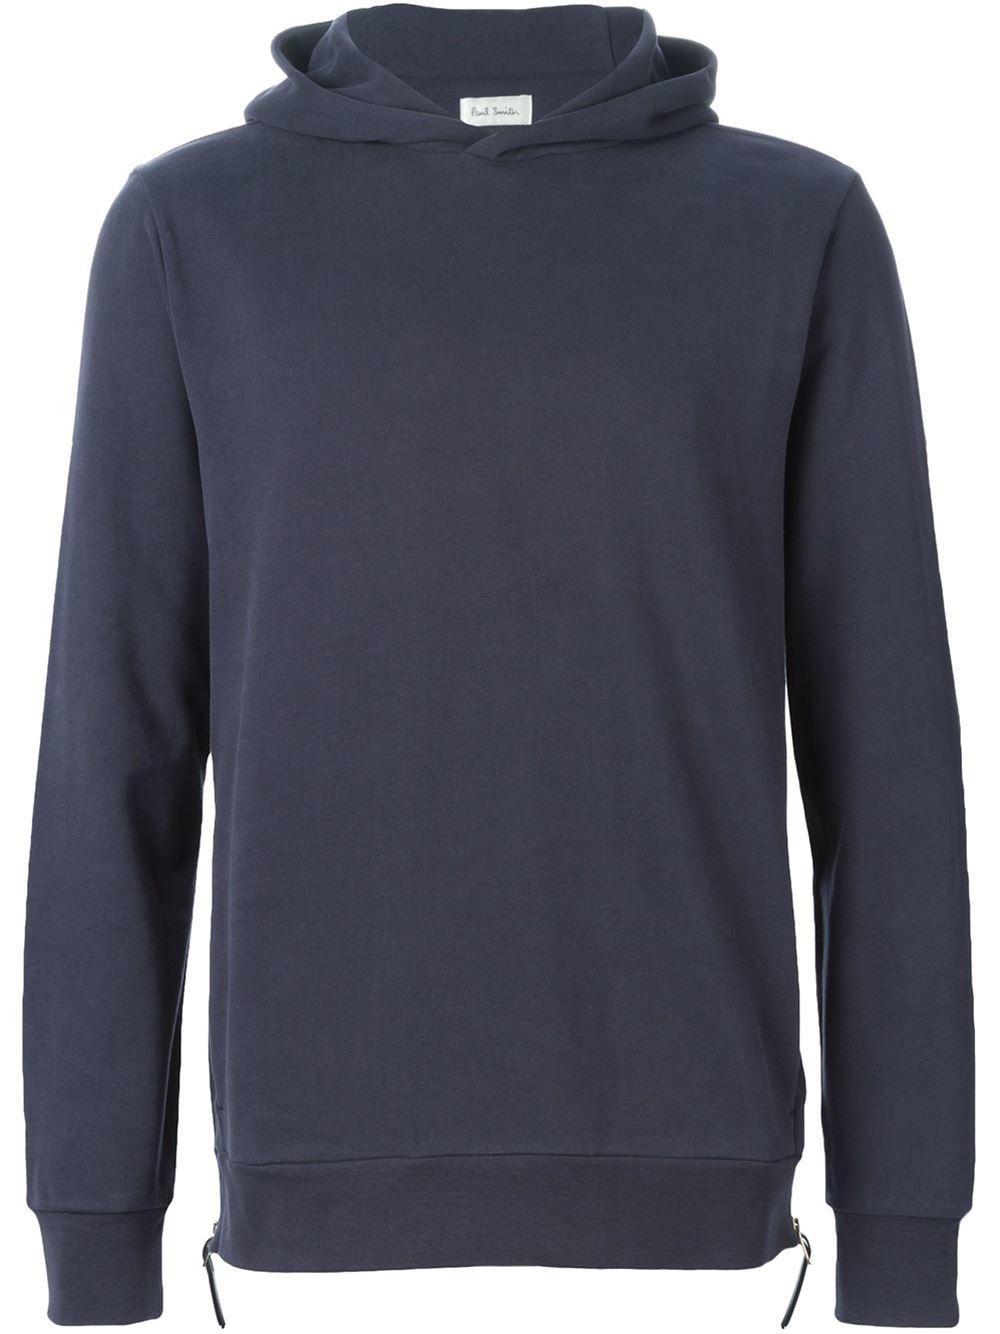 Side zip hoodies